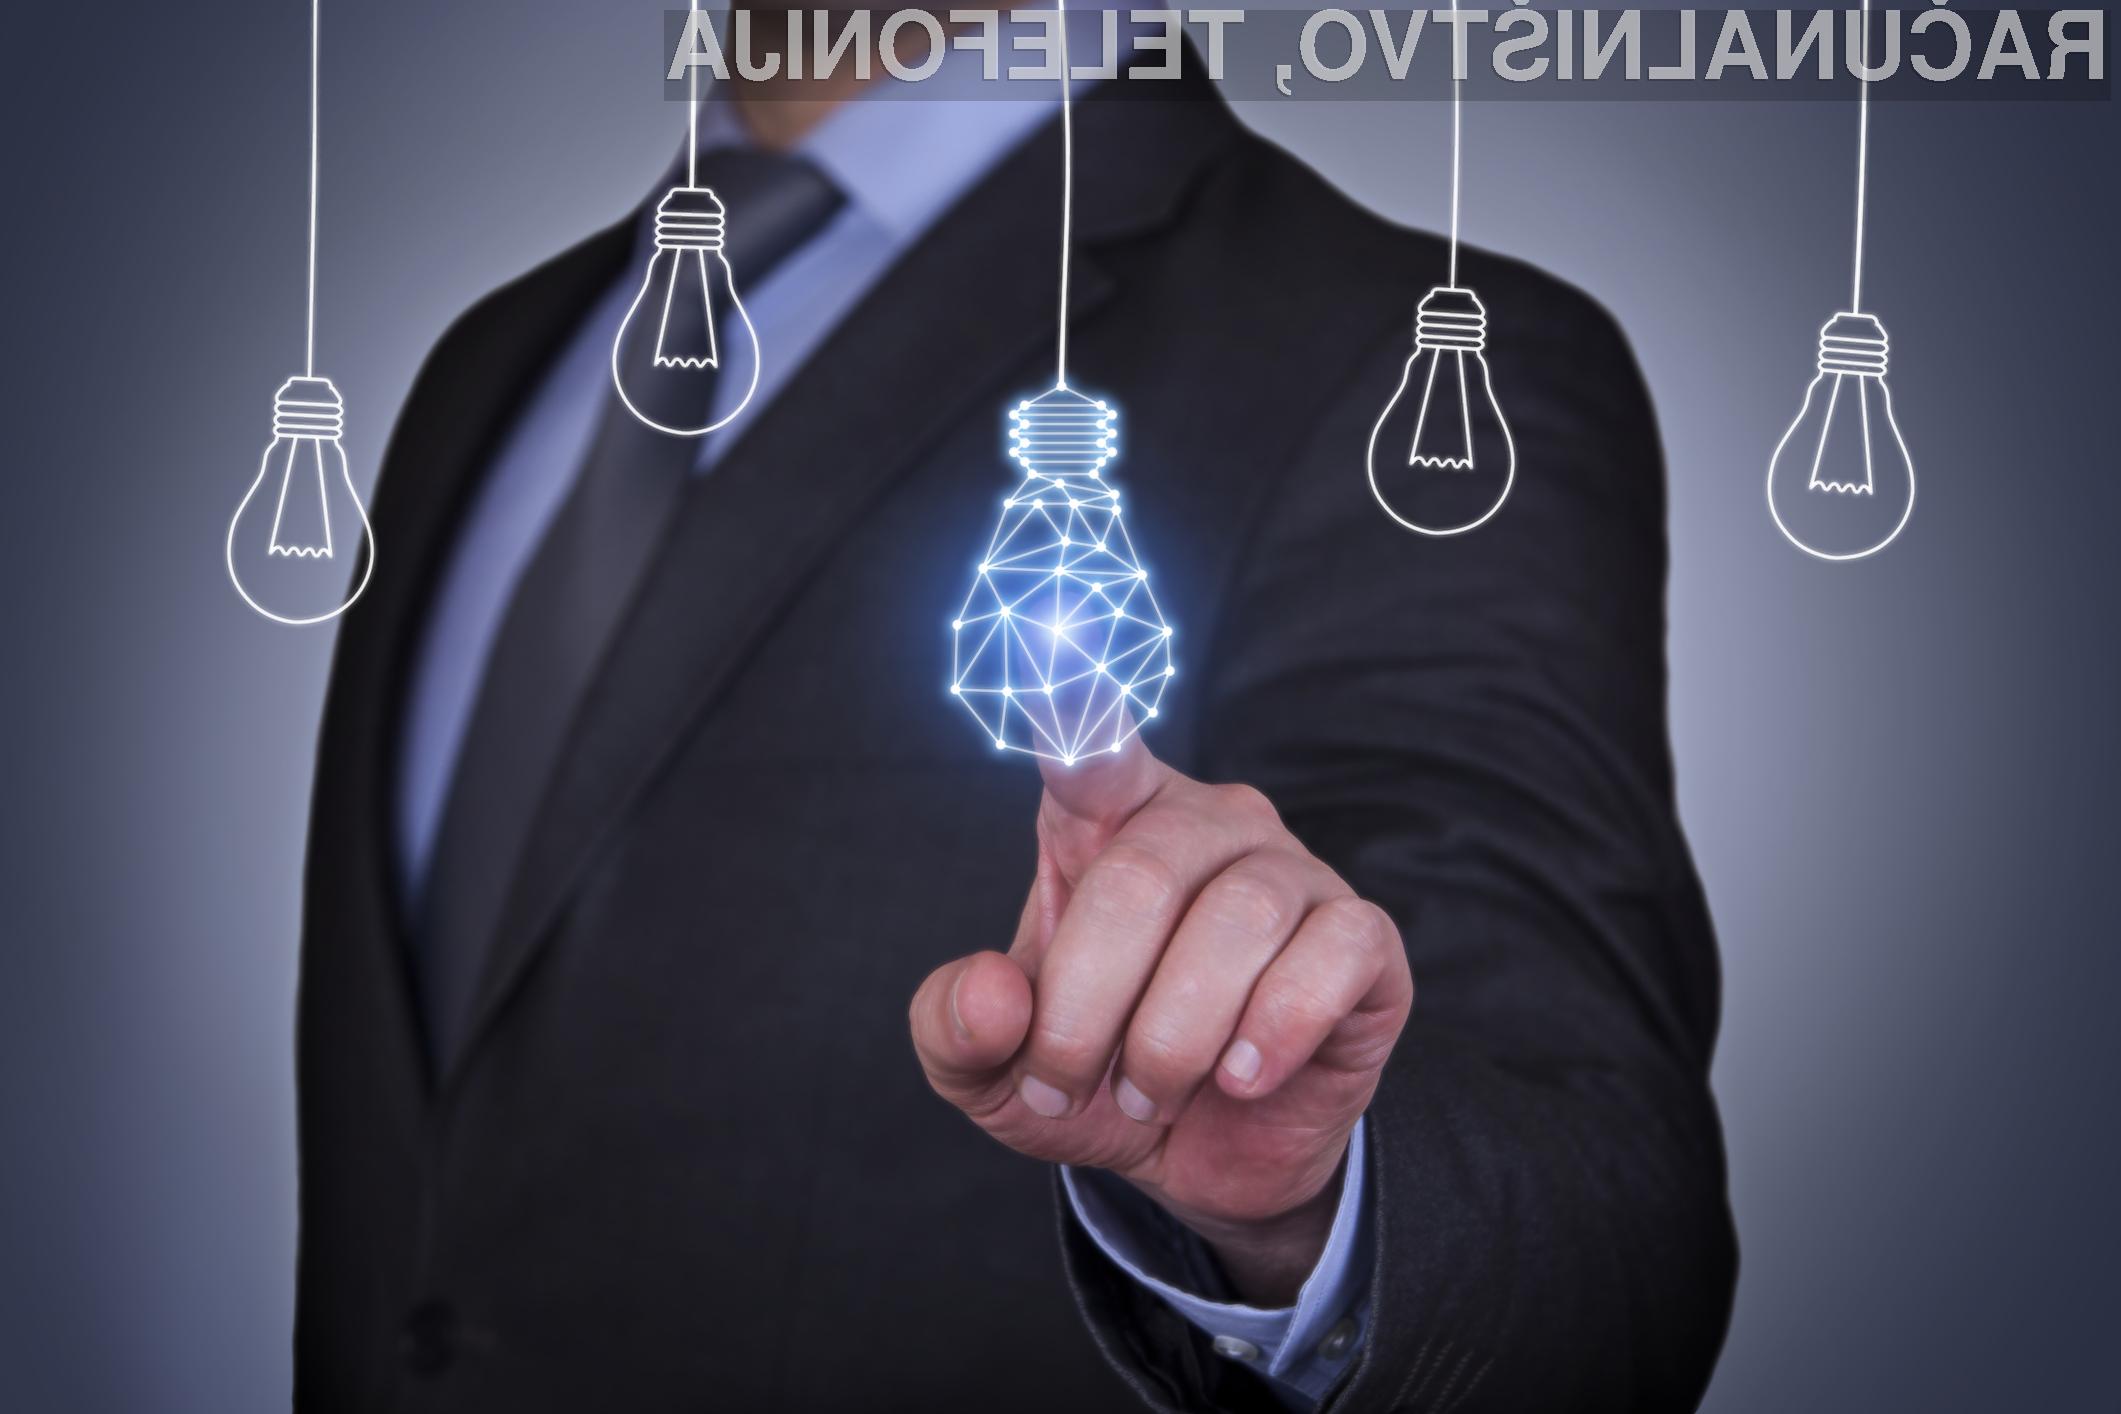 Podjetje Huawei je lani na Kitajskem vložilo 64.091 patentov in skupno 48.758 patentov na drugih trgih širom svata.